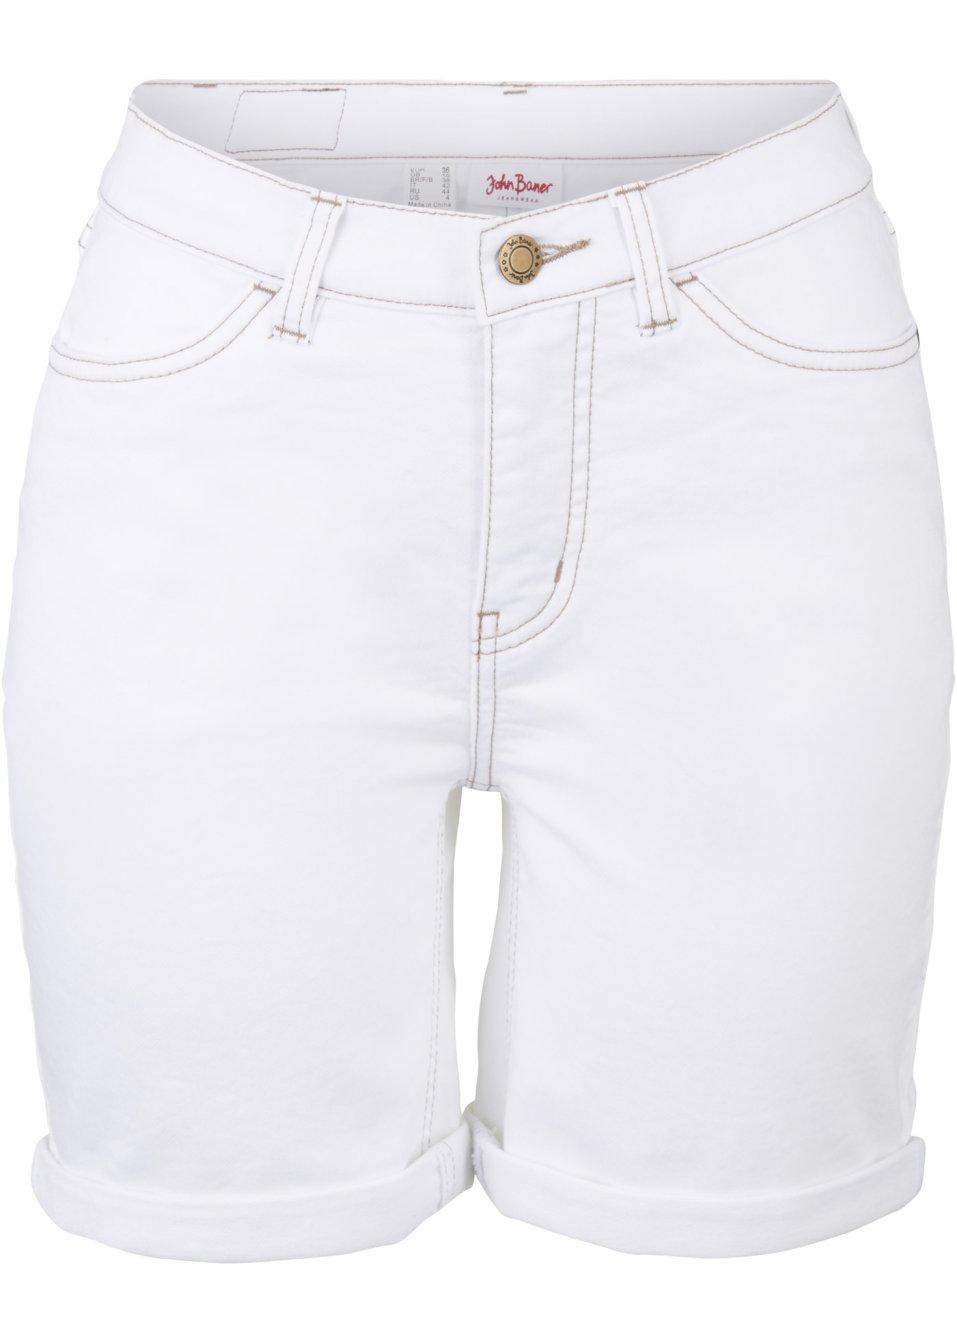 Jeans-Jogger Bermudalänge weiß - John Baner JEANSWEAR online kaufen - bonprix.de duGy5 yMdTH